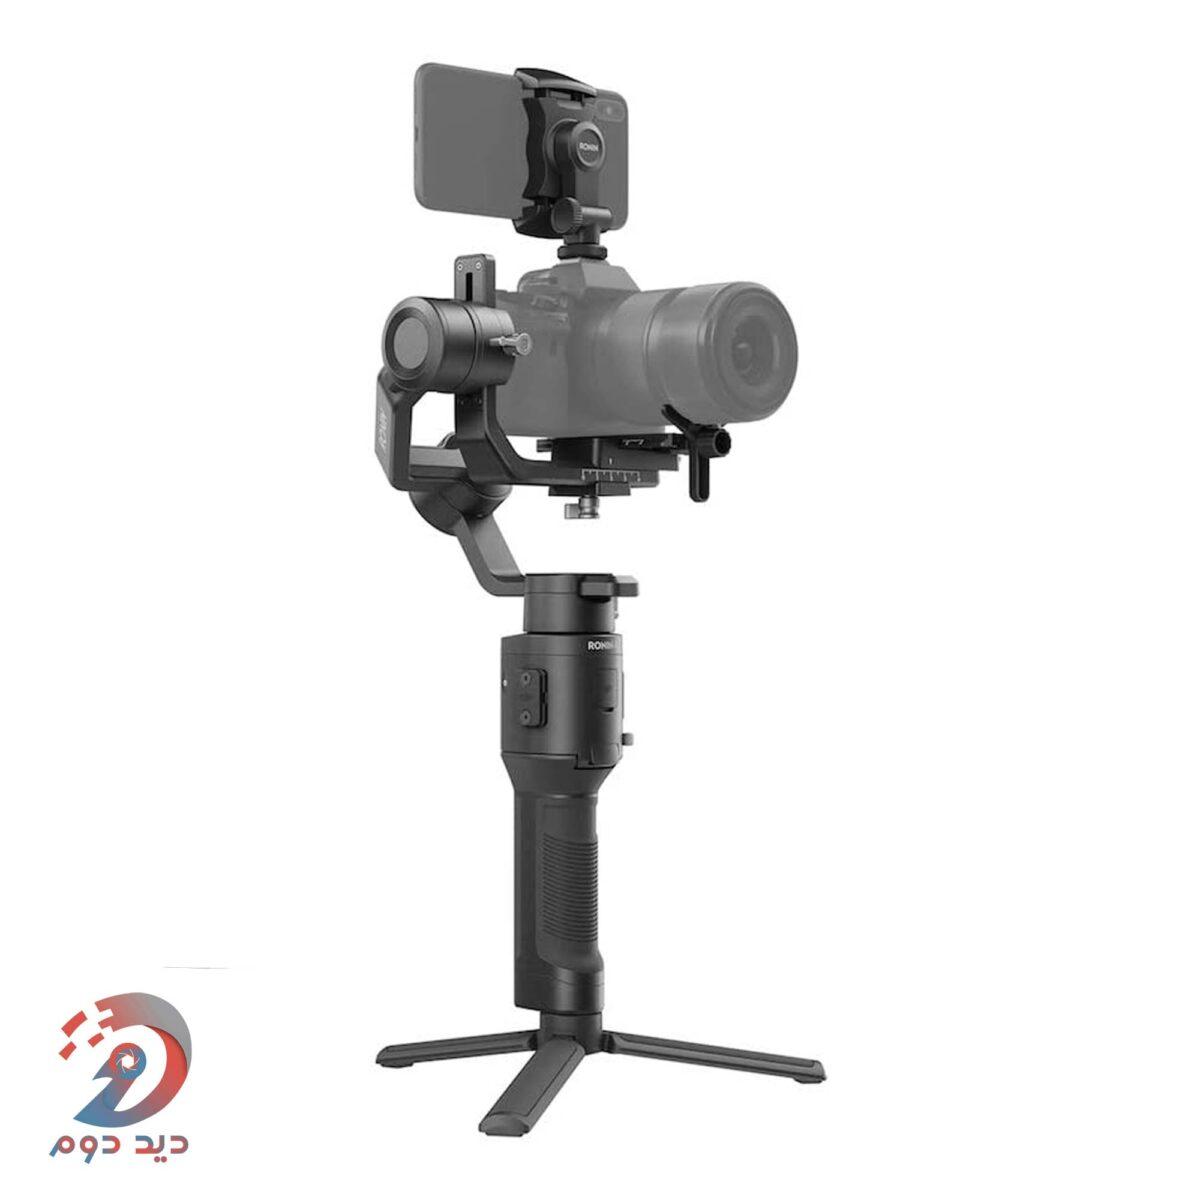 گیمبال دوربین DJI Ronin-SC Gimbal Stabilizer